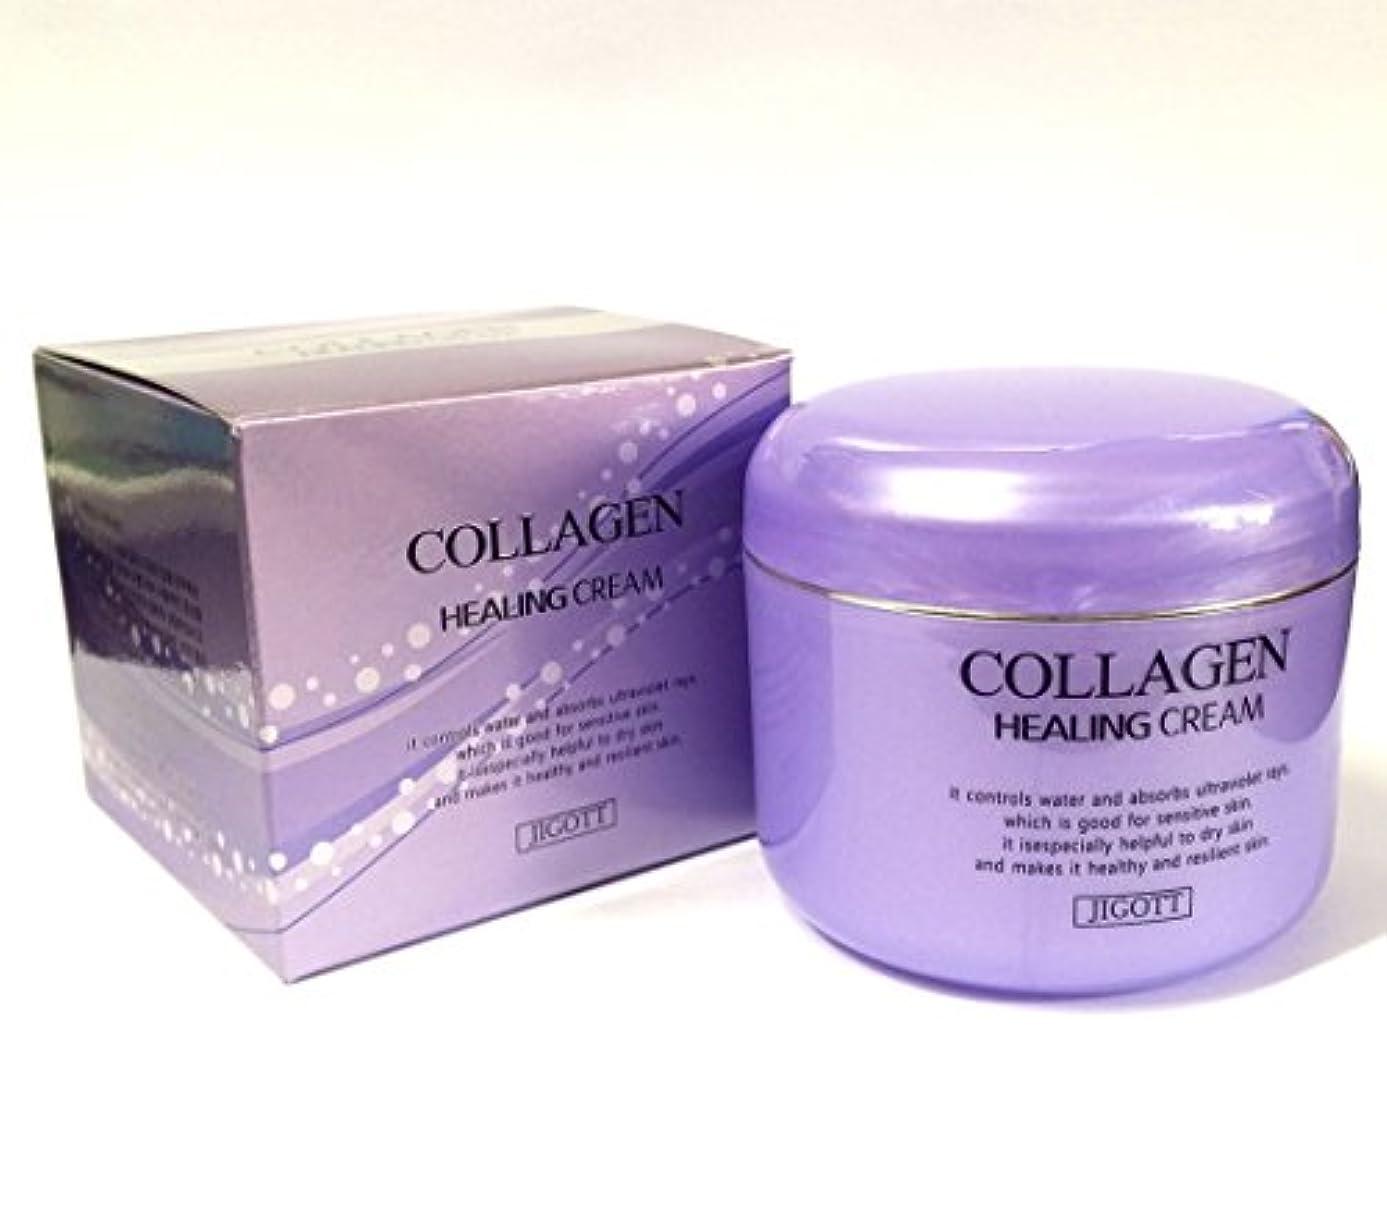 キャロラインマーティンルーサーキングジュニア振るう[JIGOTT] コラーゲンヒーリングクリーム100g/Collagen Healing Cream 100g/保湿、栄養/韓国化粧品/moisturizing,nourishing/Korean Cosmetics (...